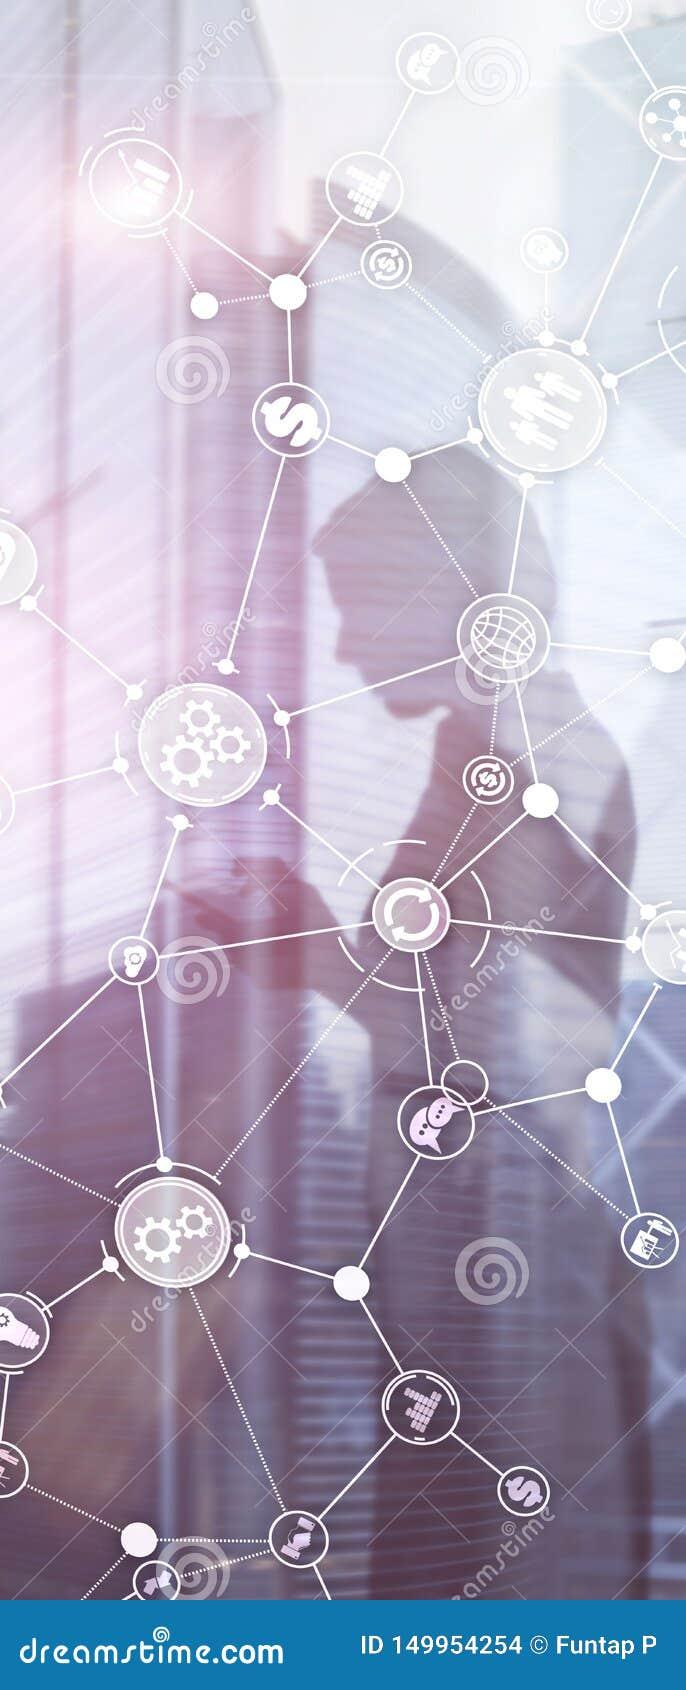 Pionowo panorama sztandar Rozwój biznesu struktury obieg diagrama automatyzacji innowacji przemysłowy pojęcie na wirtualnym ekran